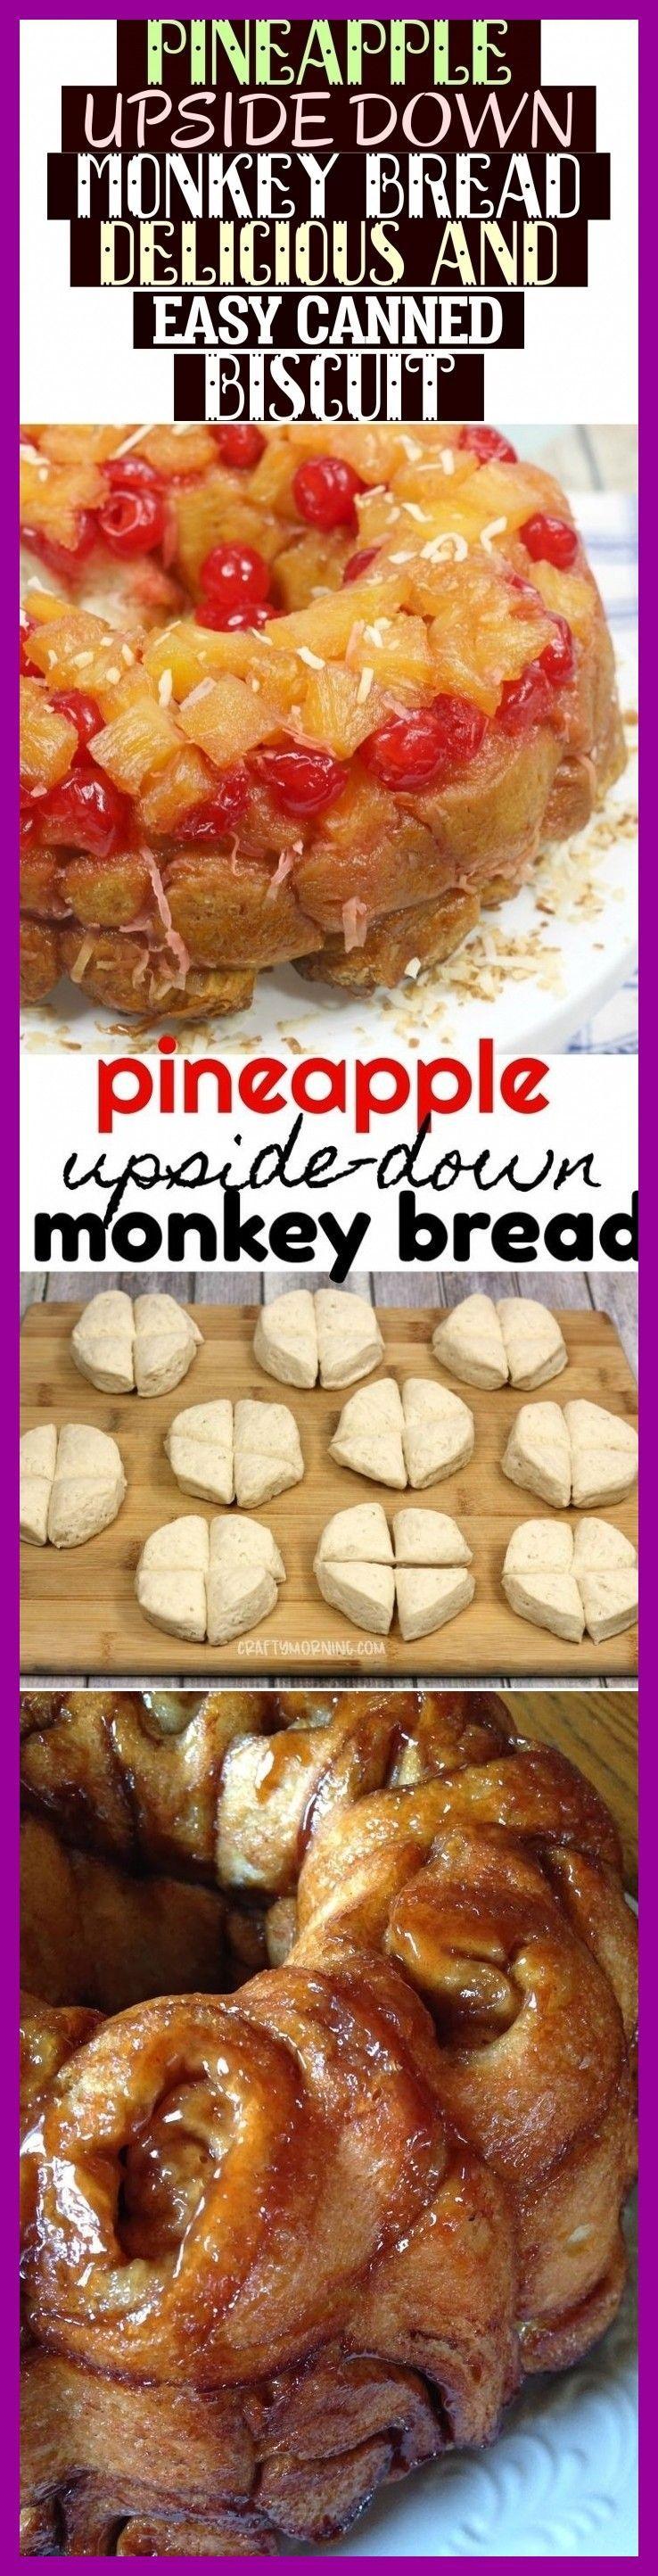 Pineapple Upside Down Monkey Bread Delicious And Easy Canned Biscuit Ananas Umgedrehtes Affe Brot Köstlicher Und Einfacher In Büchsen Konservierter Keks | Bread Ideas #monkeybreadwithcannedbiscuits Pineapple Upside Down Monkey Bread- Delicious And Easy Canned Biscuit # ananas-umgedrehtes affe-brot köstlicher und einfacher in büchsen konservierter keks #pineappledesserts #monkeybread #cake #bread #monkeybread #pineapplerecipes #craftymorning #monkeybreadwithcannedbiscuits